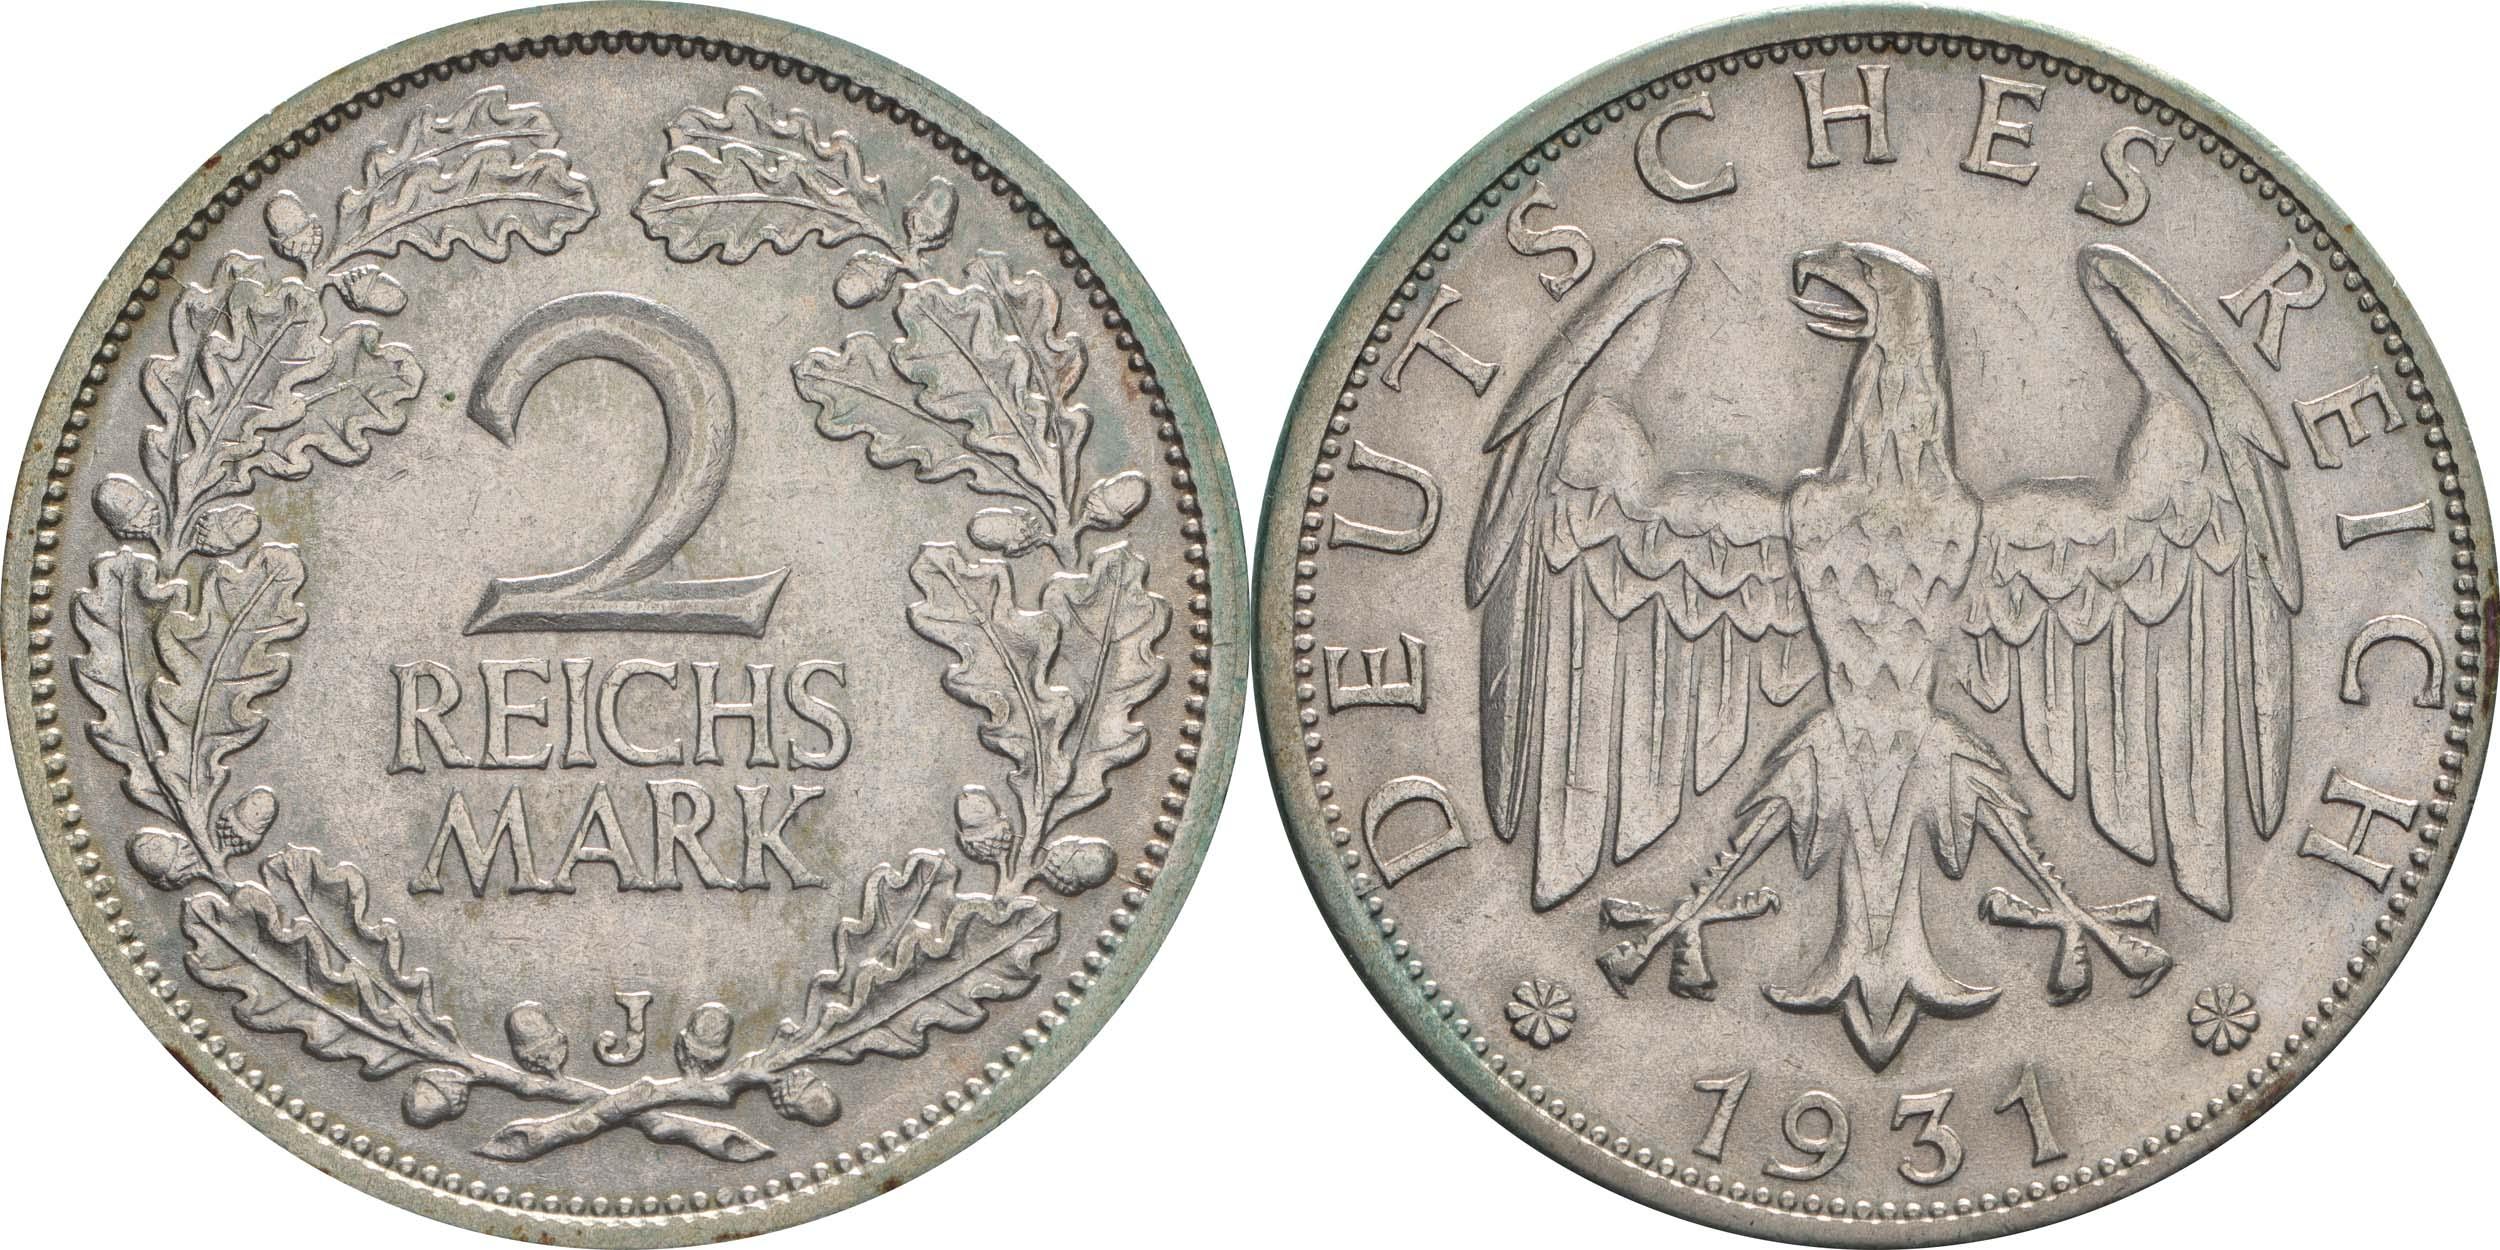 Deutschland : 2 Reichsmark Kursmünze  1931 vz.